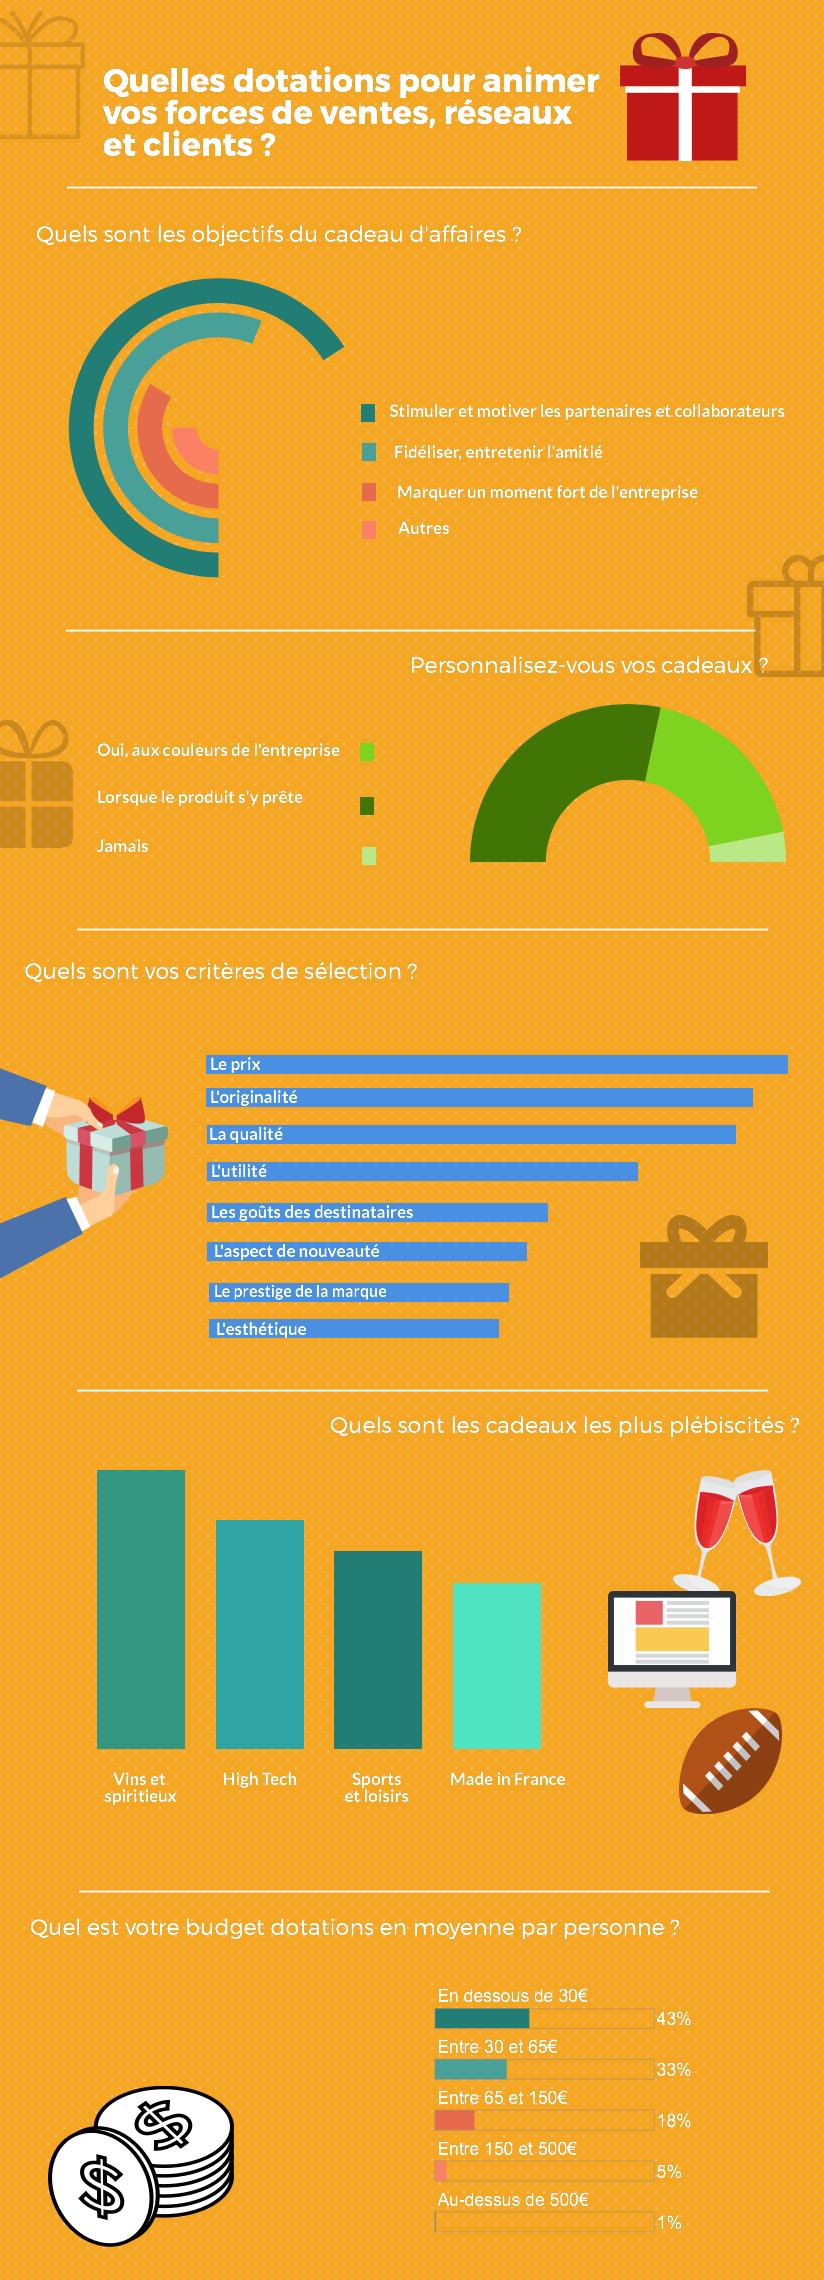 Découvrez notre infographie sur les tendances de dotations